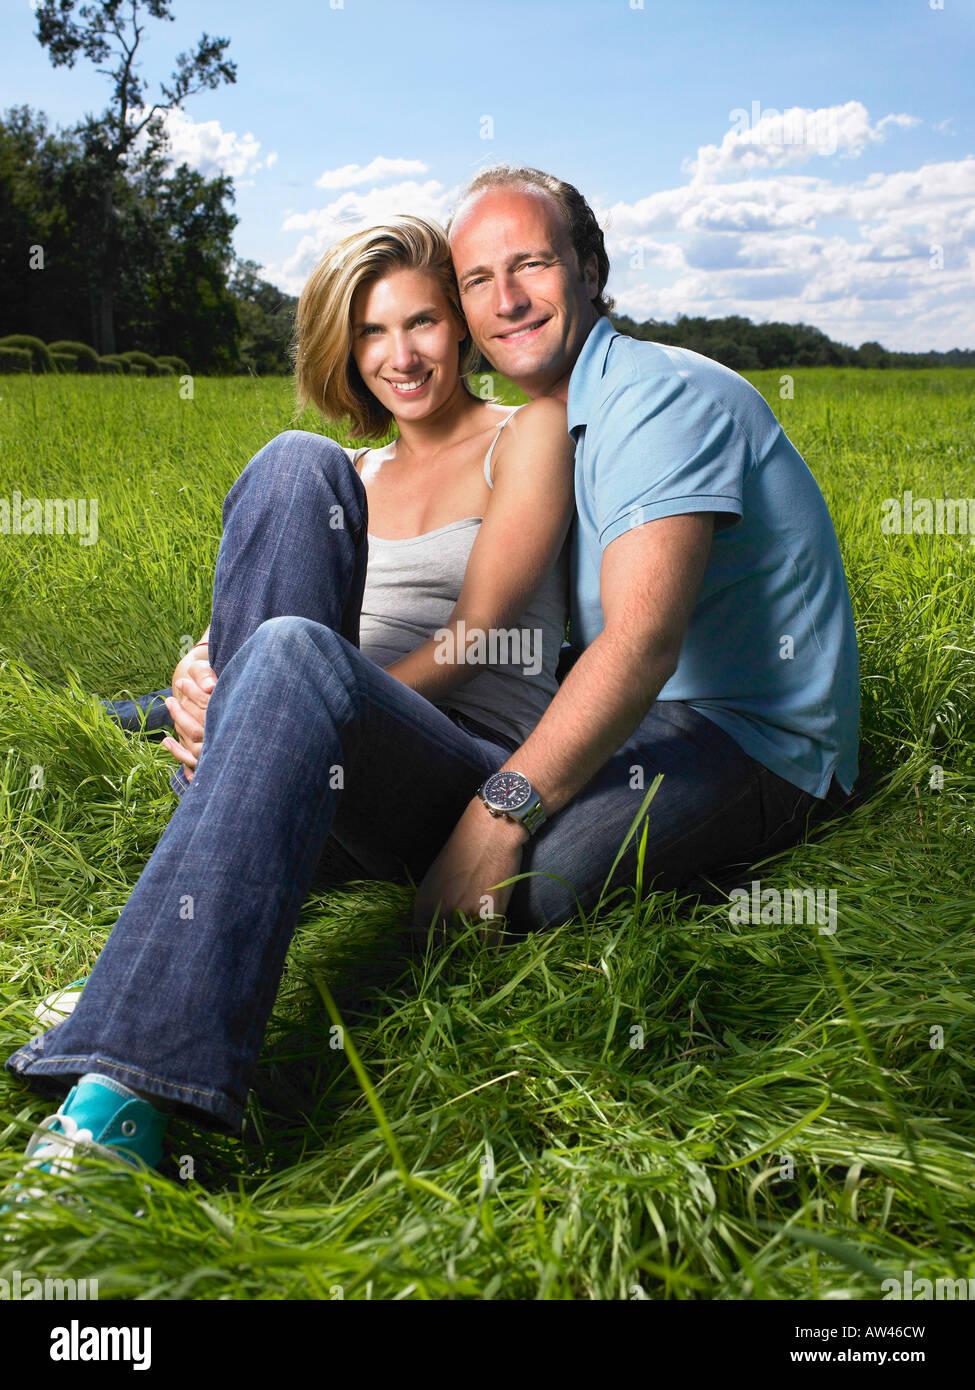 Pareja sentada en un campo. Imagen De Stock